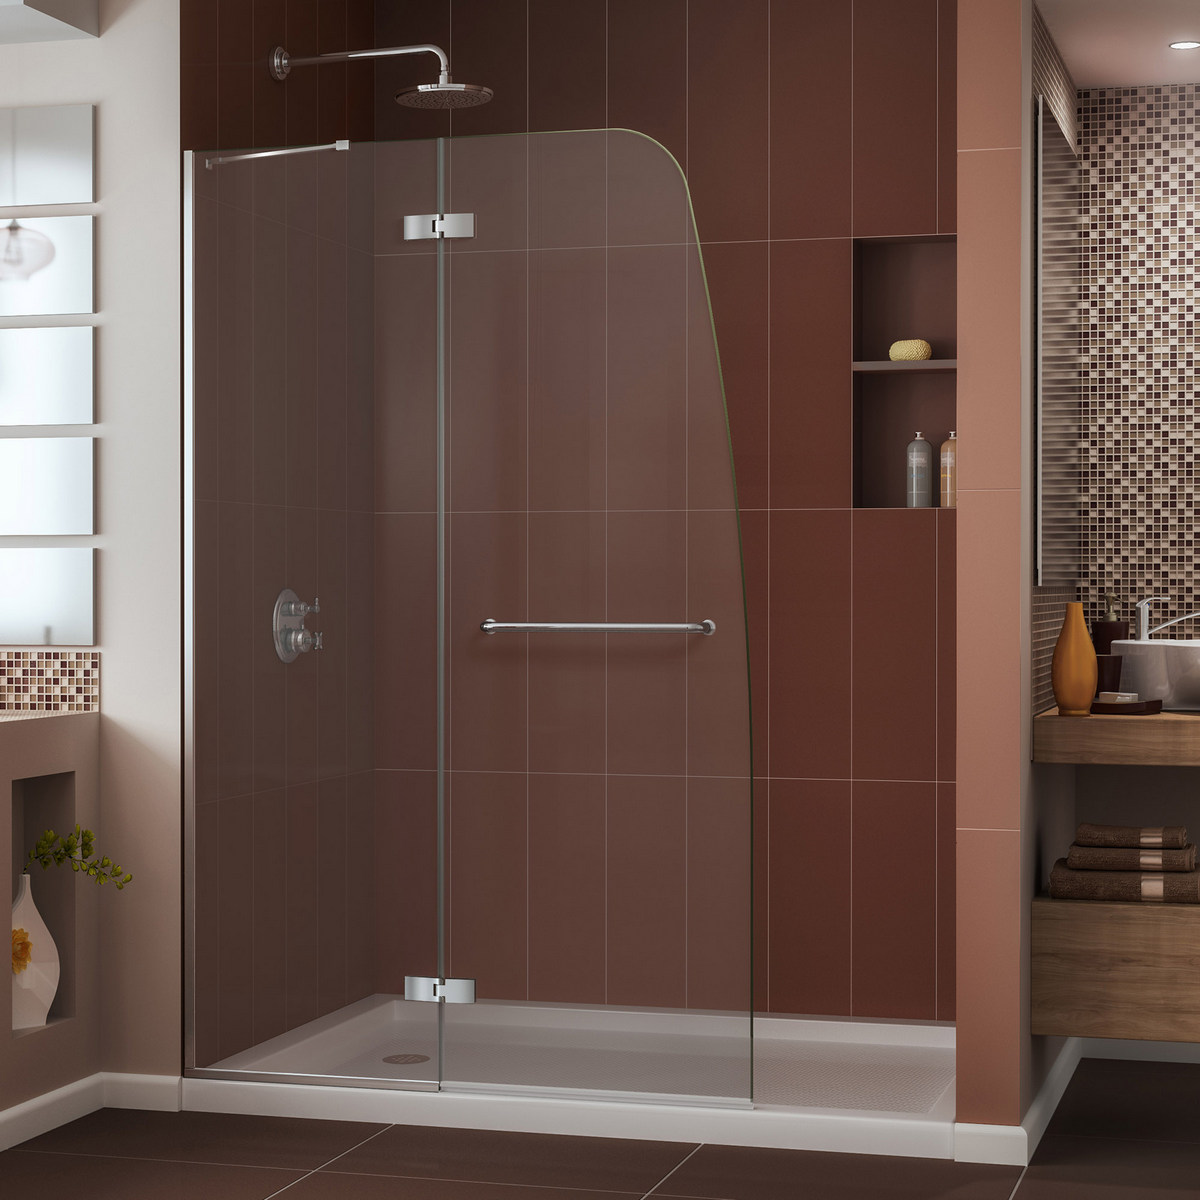 Dreamline Aqua Frameless Shower Door Chrome Center Drain Biscuit Base Kit